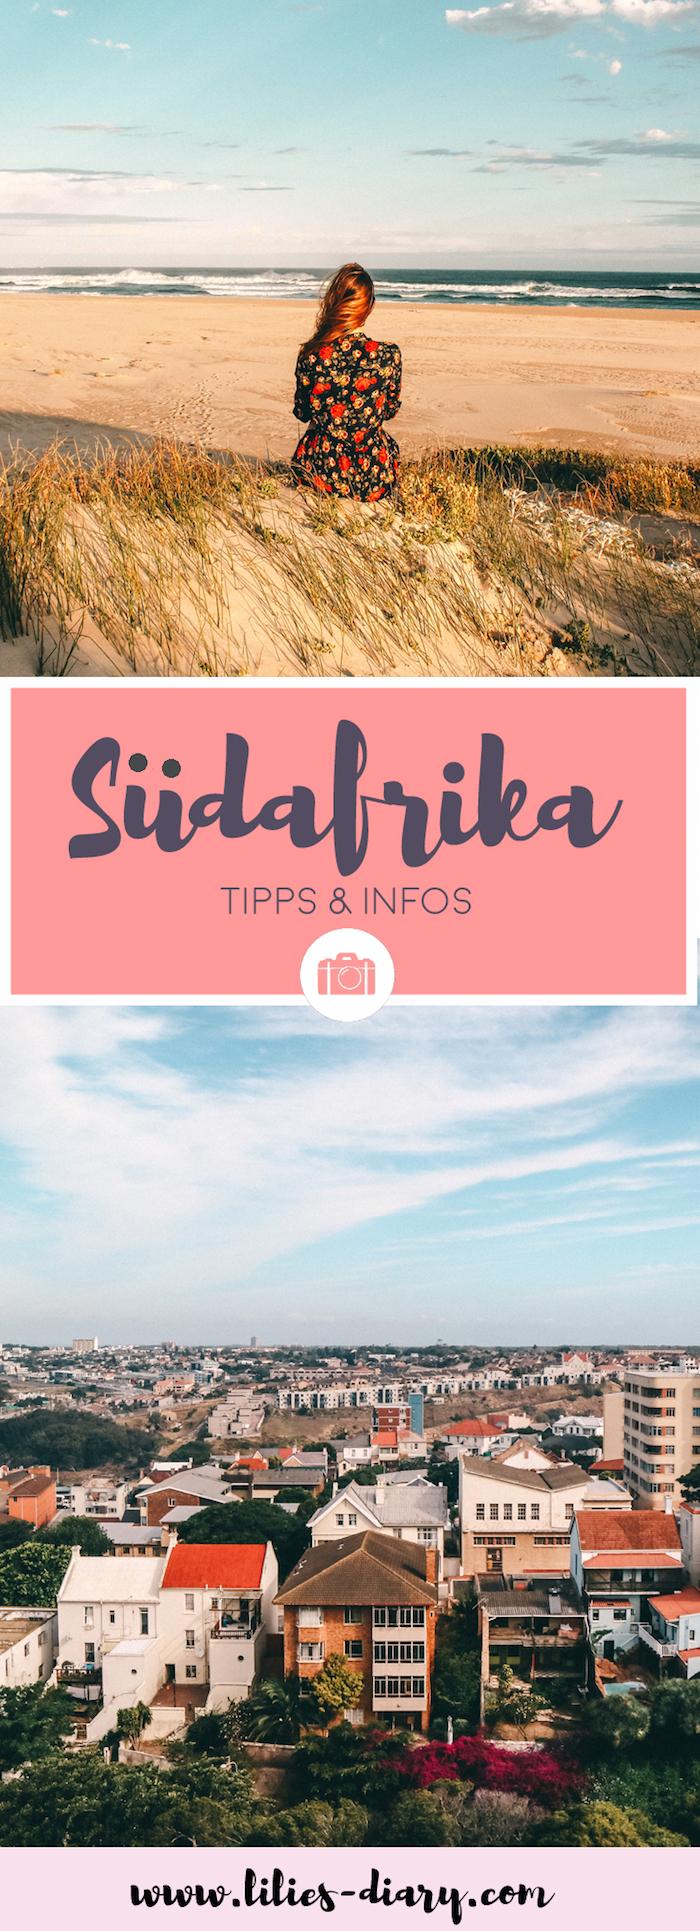 Südafrika Pinterest Cover Reisetipps und Infos